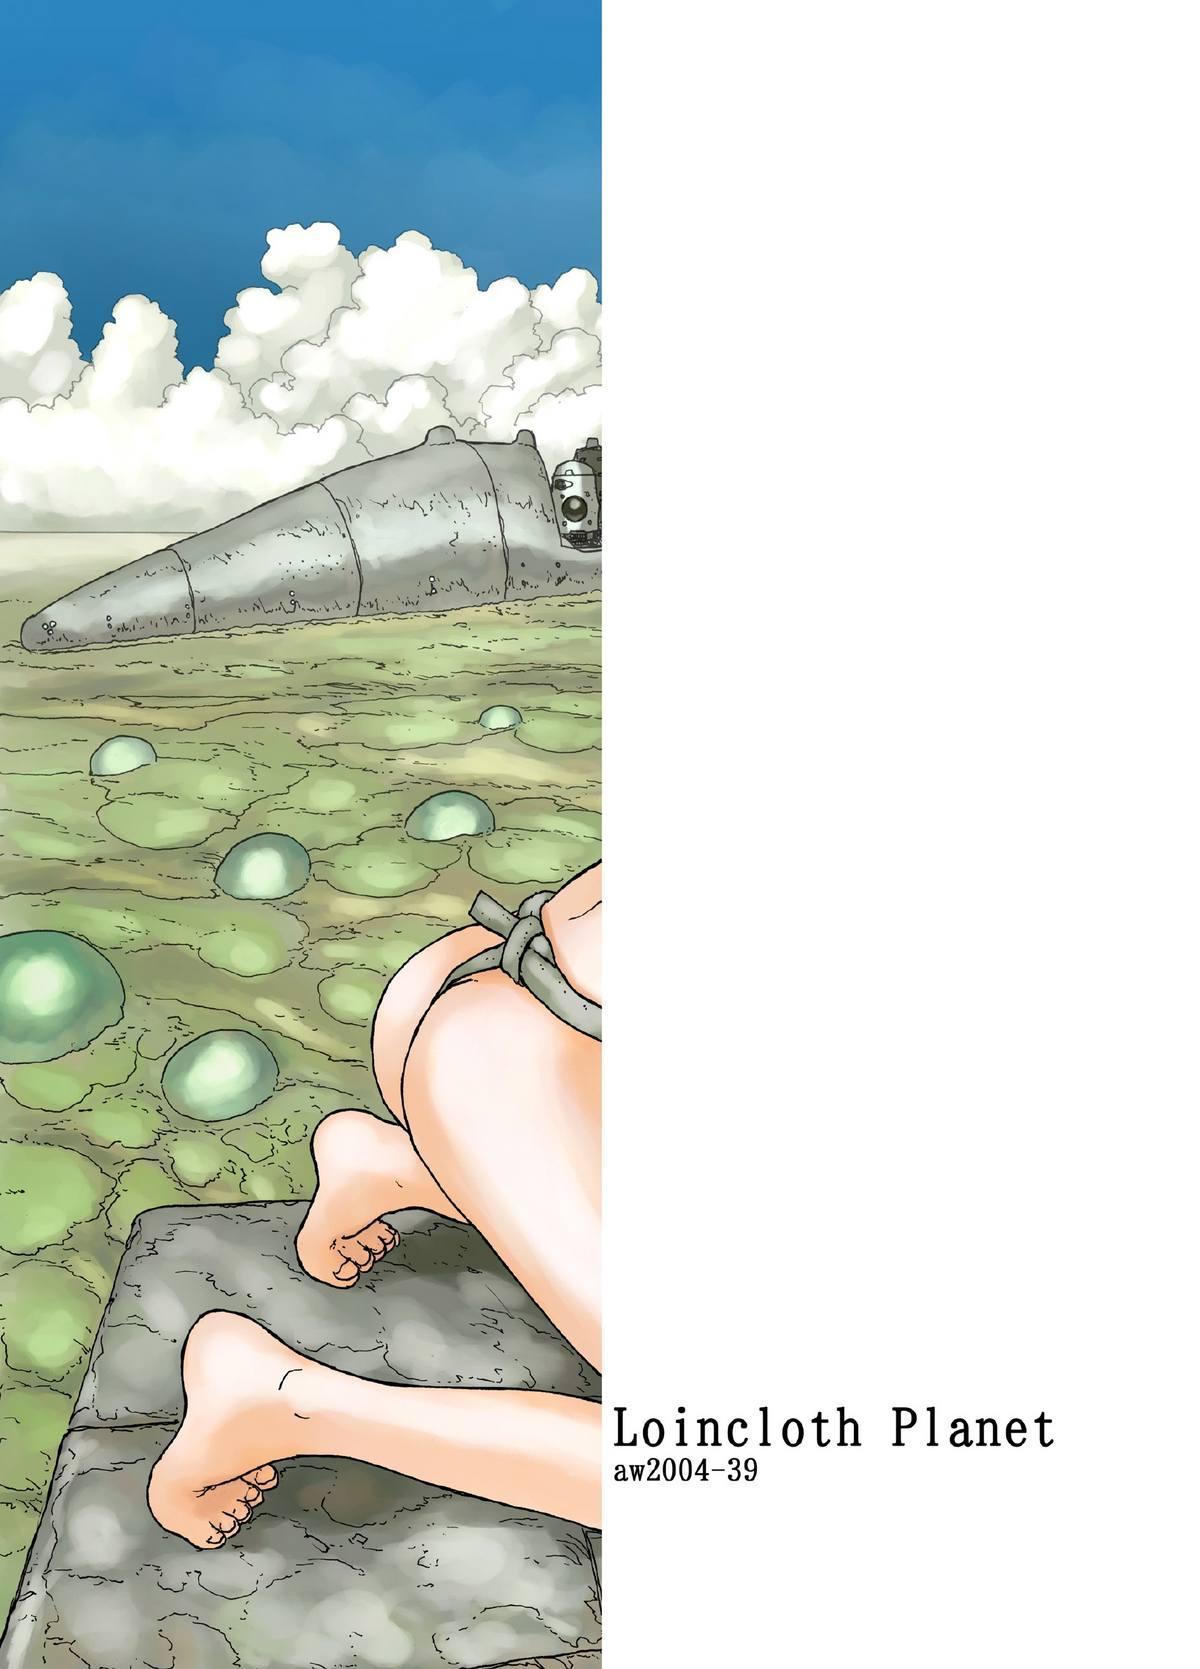 Loincloth Planet 25